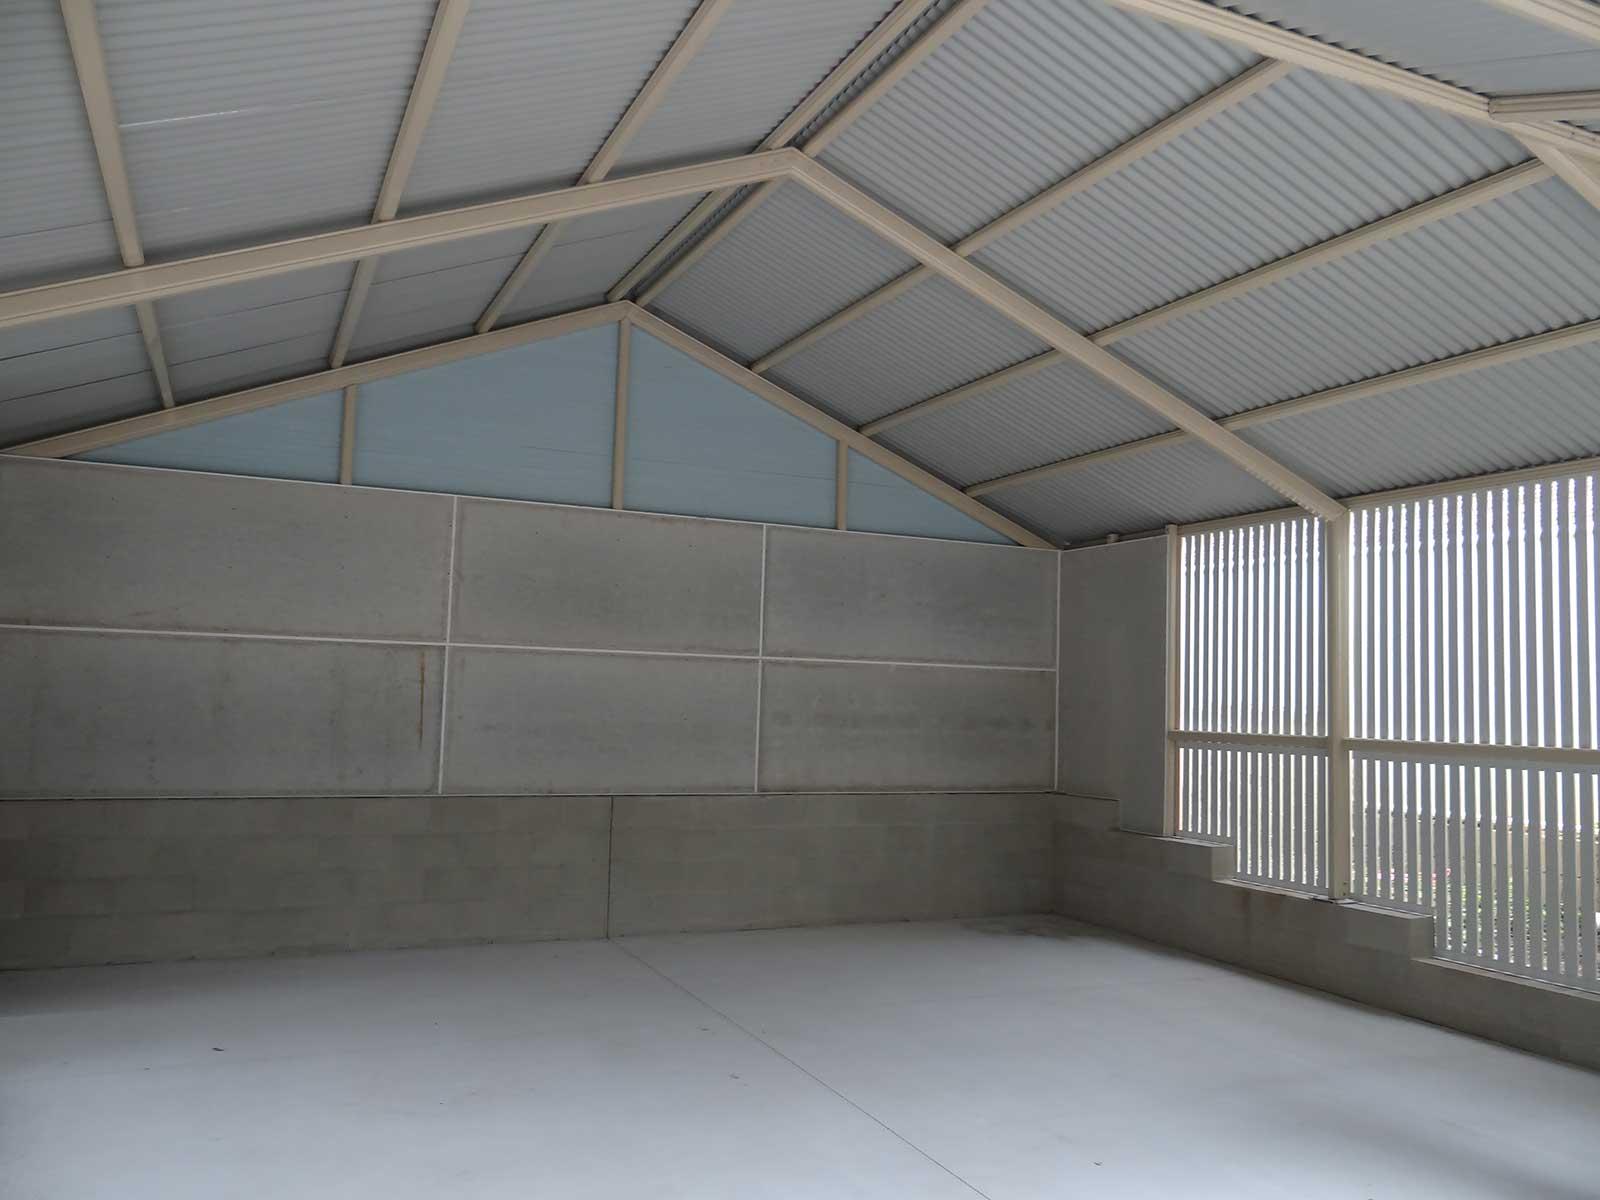 interior of gable carport brisbane suburbs